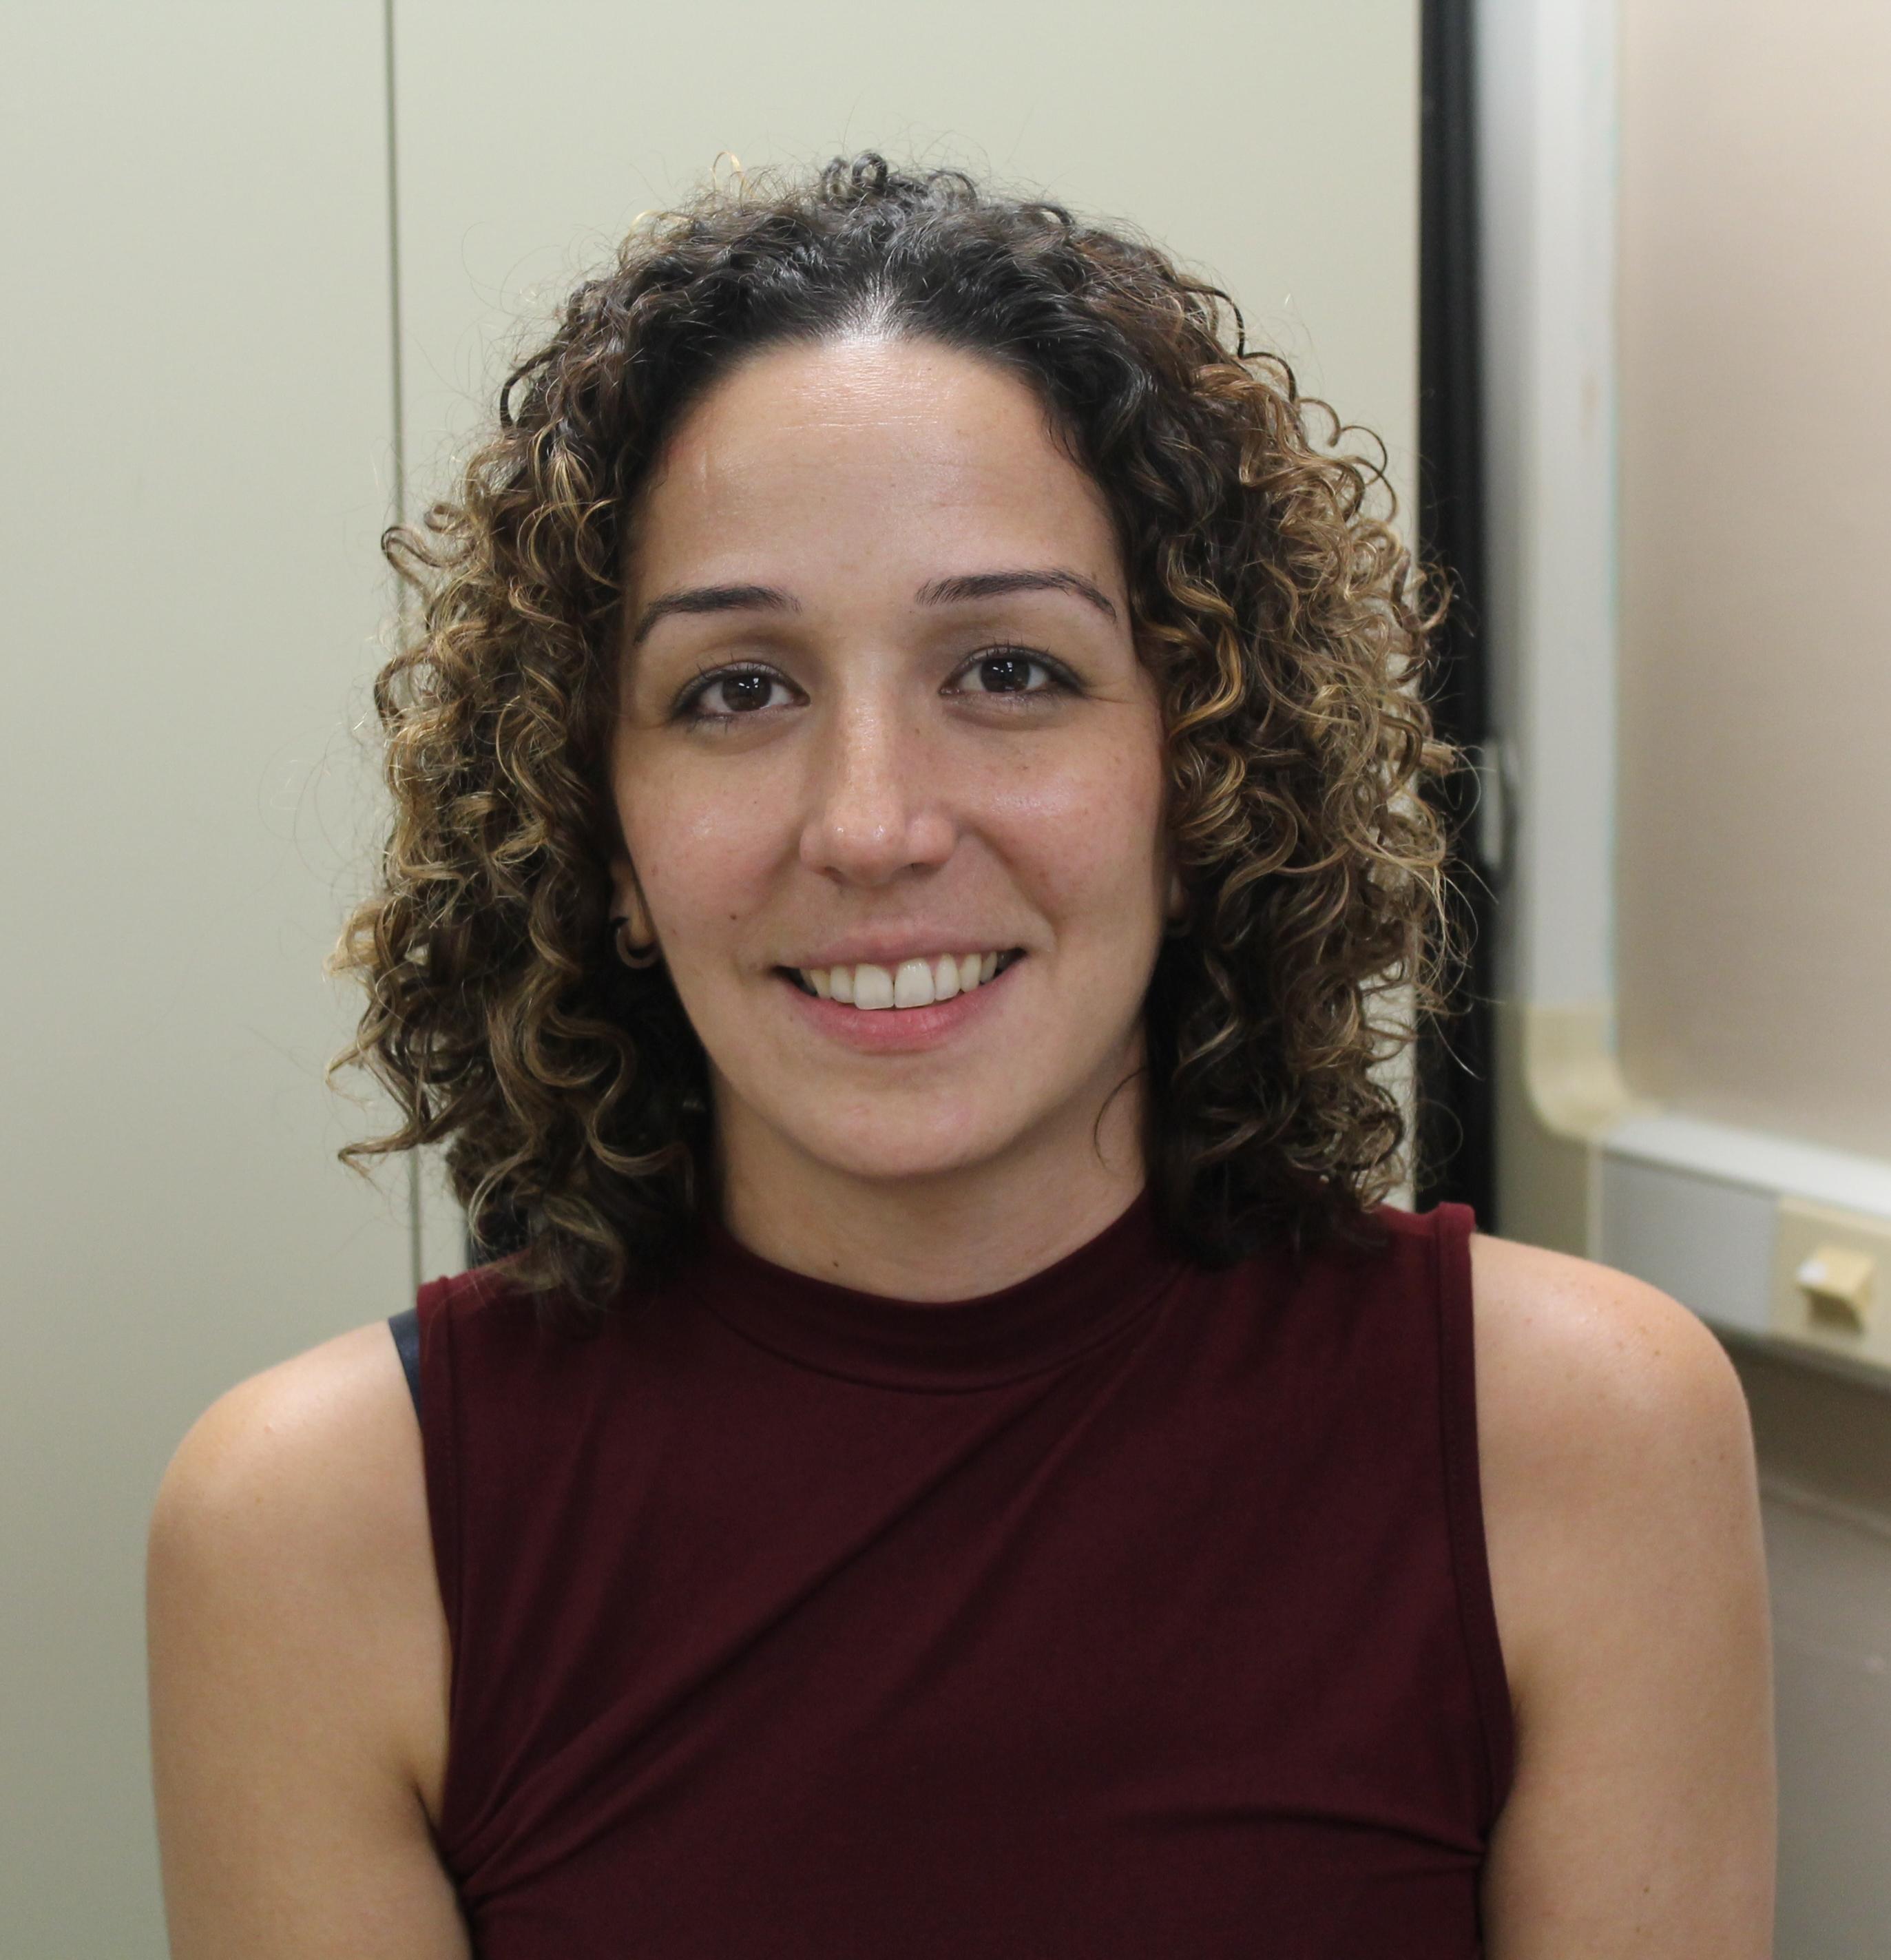 Arlene Morales